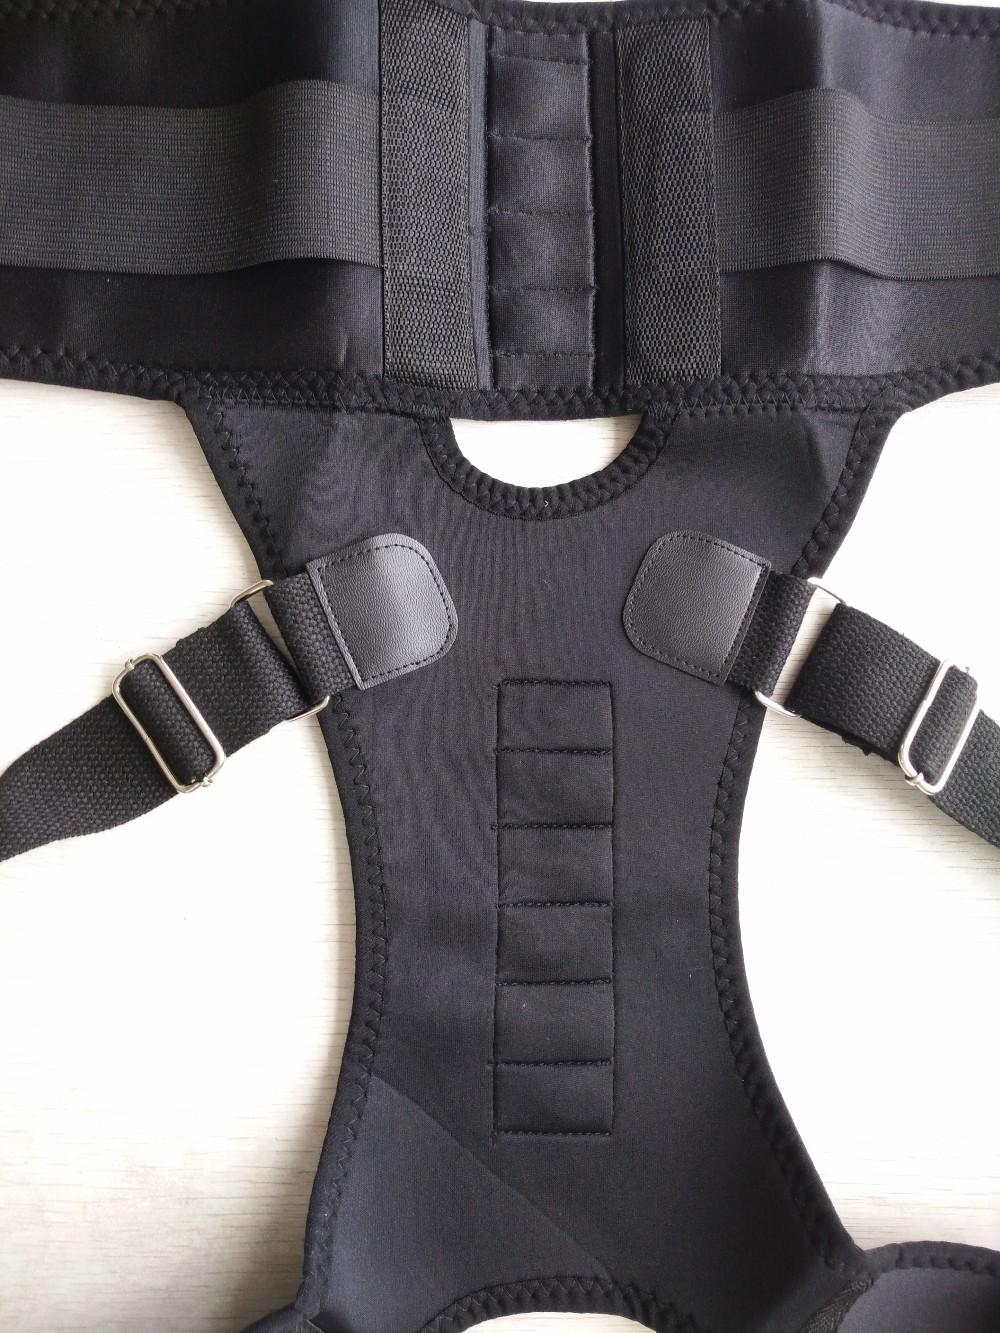 posture brace magnetic support belt (18)